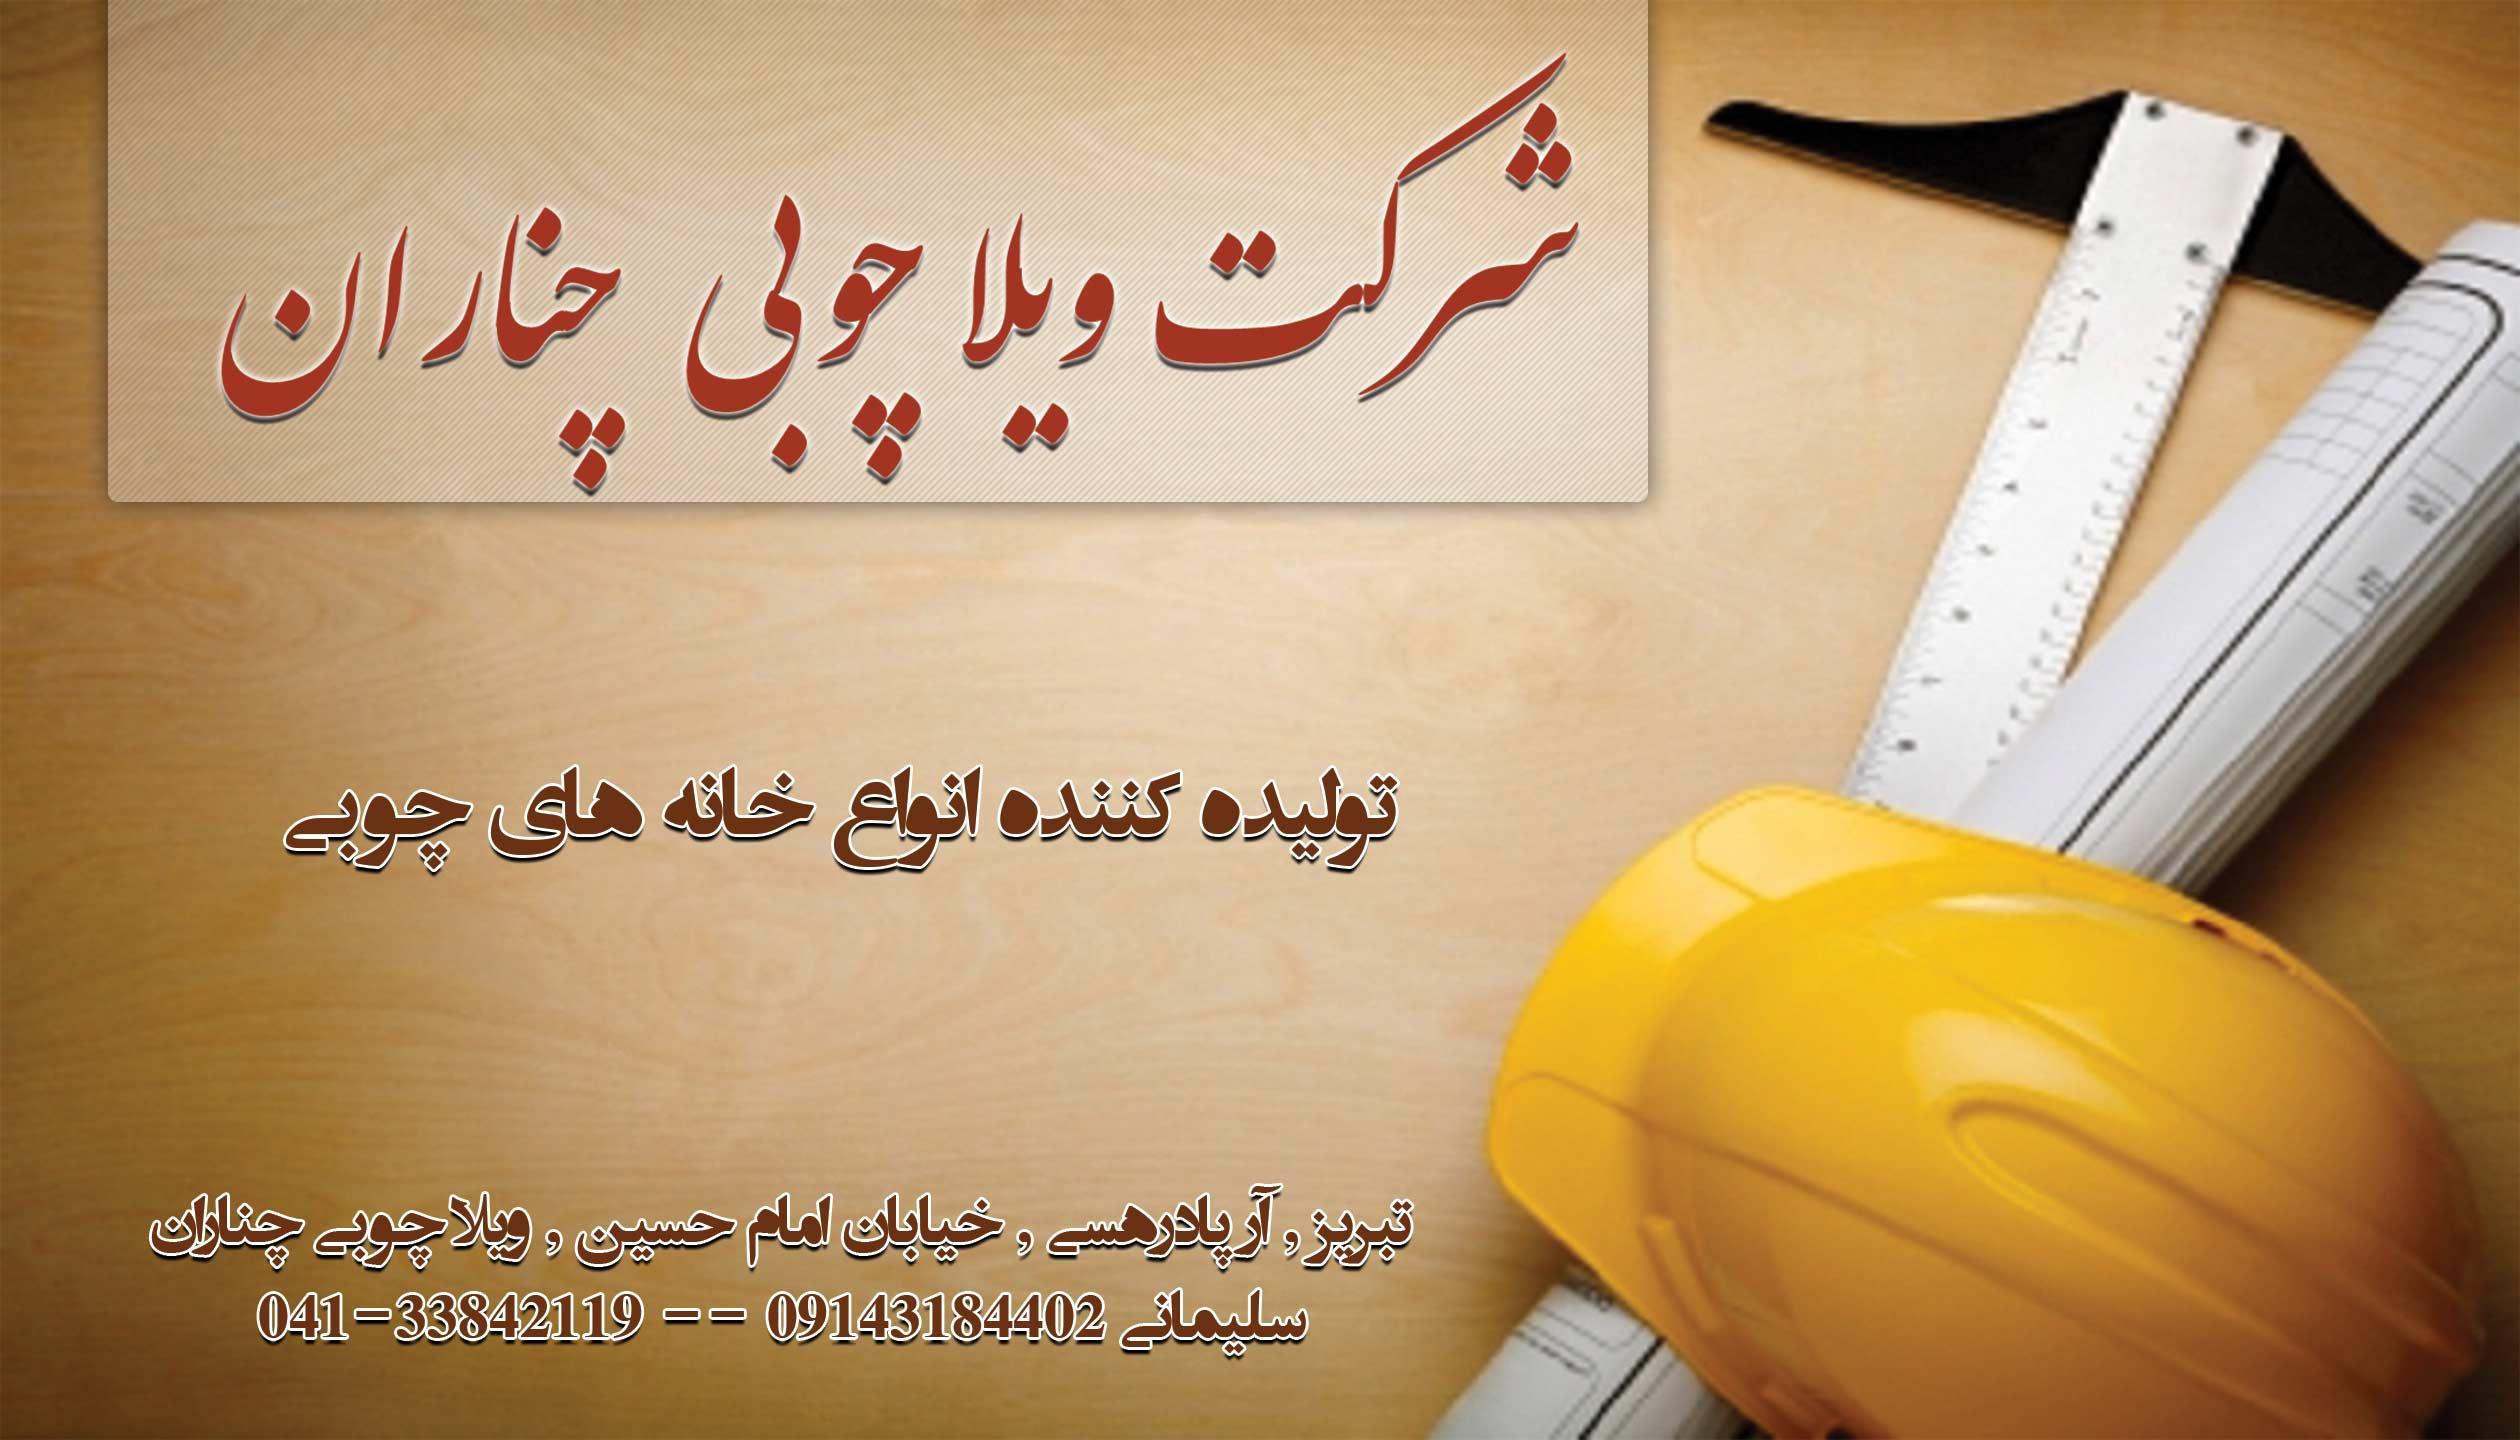 شرکت ویلا چوبی چناران در تبریز